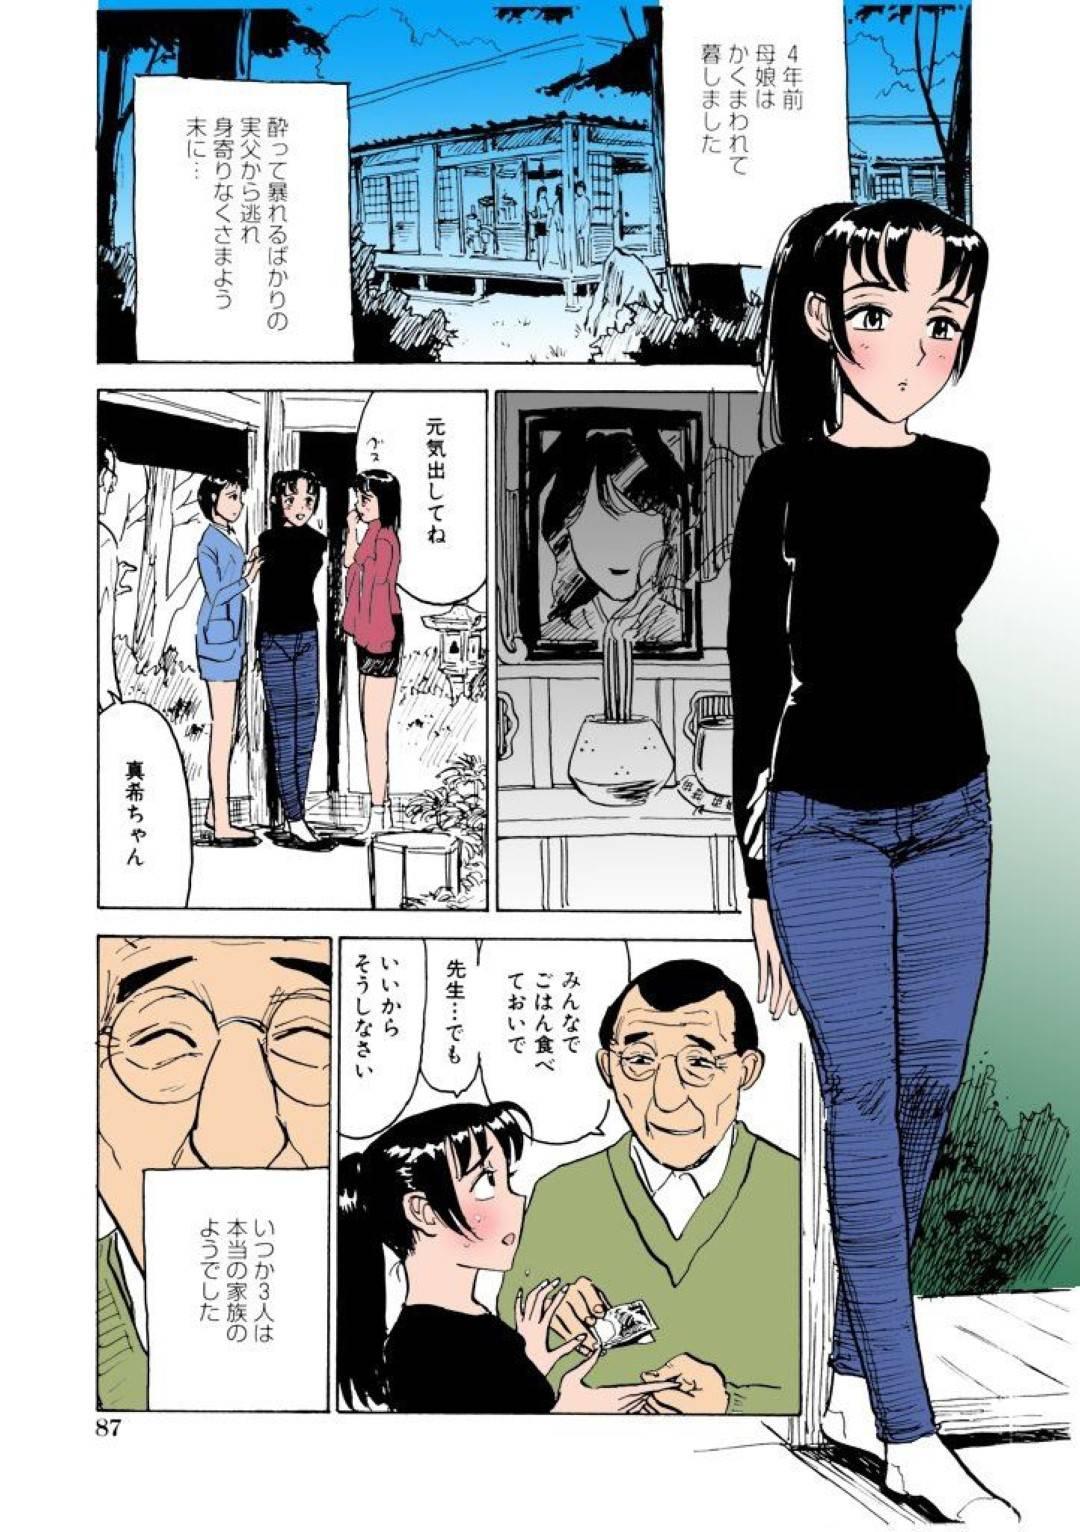 【エロ漫画】実父から逃れて先生のもとで暮らすようになった黒髪清楚娘。次第に二人はエッチな事をする関係となっていき、彼に処女喪失セックスを求める!しかし行為は次第にエスカレートしていきセックスだけではなく拘束プレイをするように。